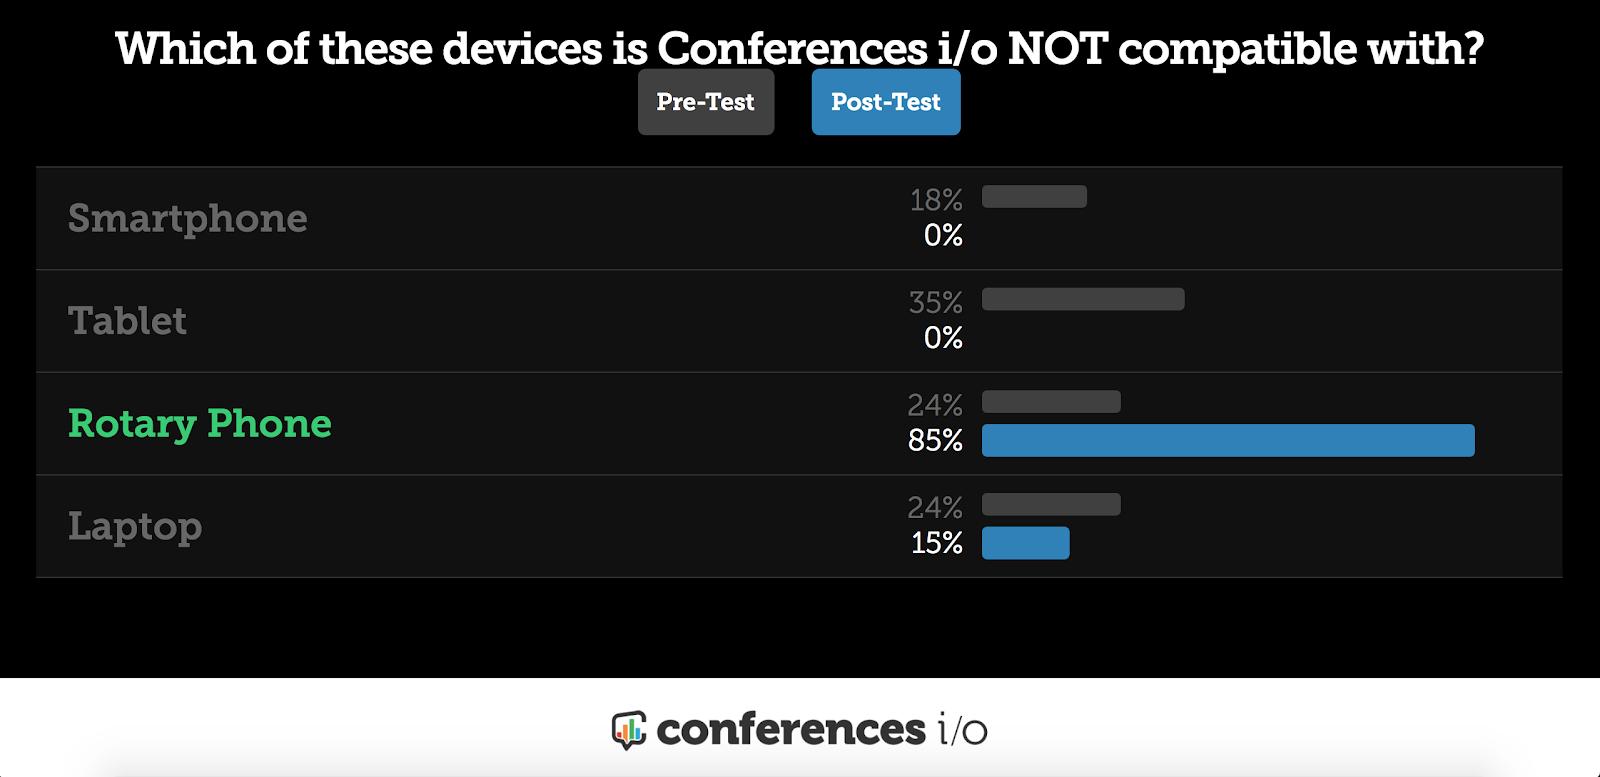 Conferences i/o Pre / Post Poll Comparison